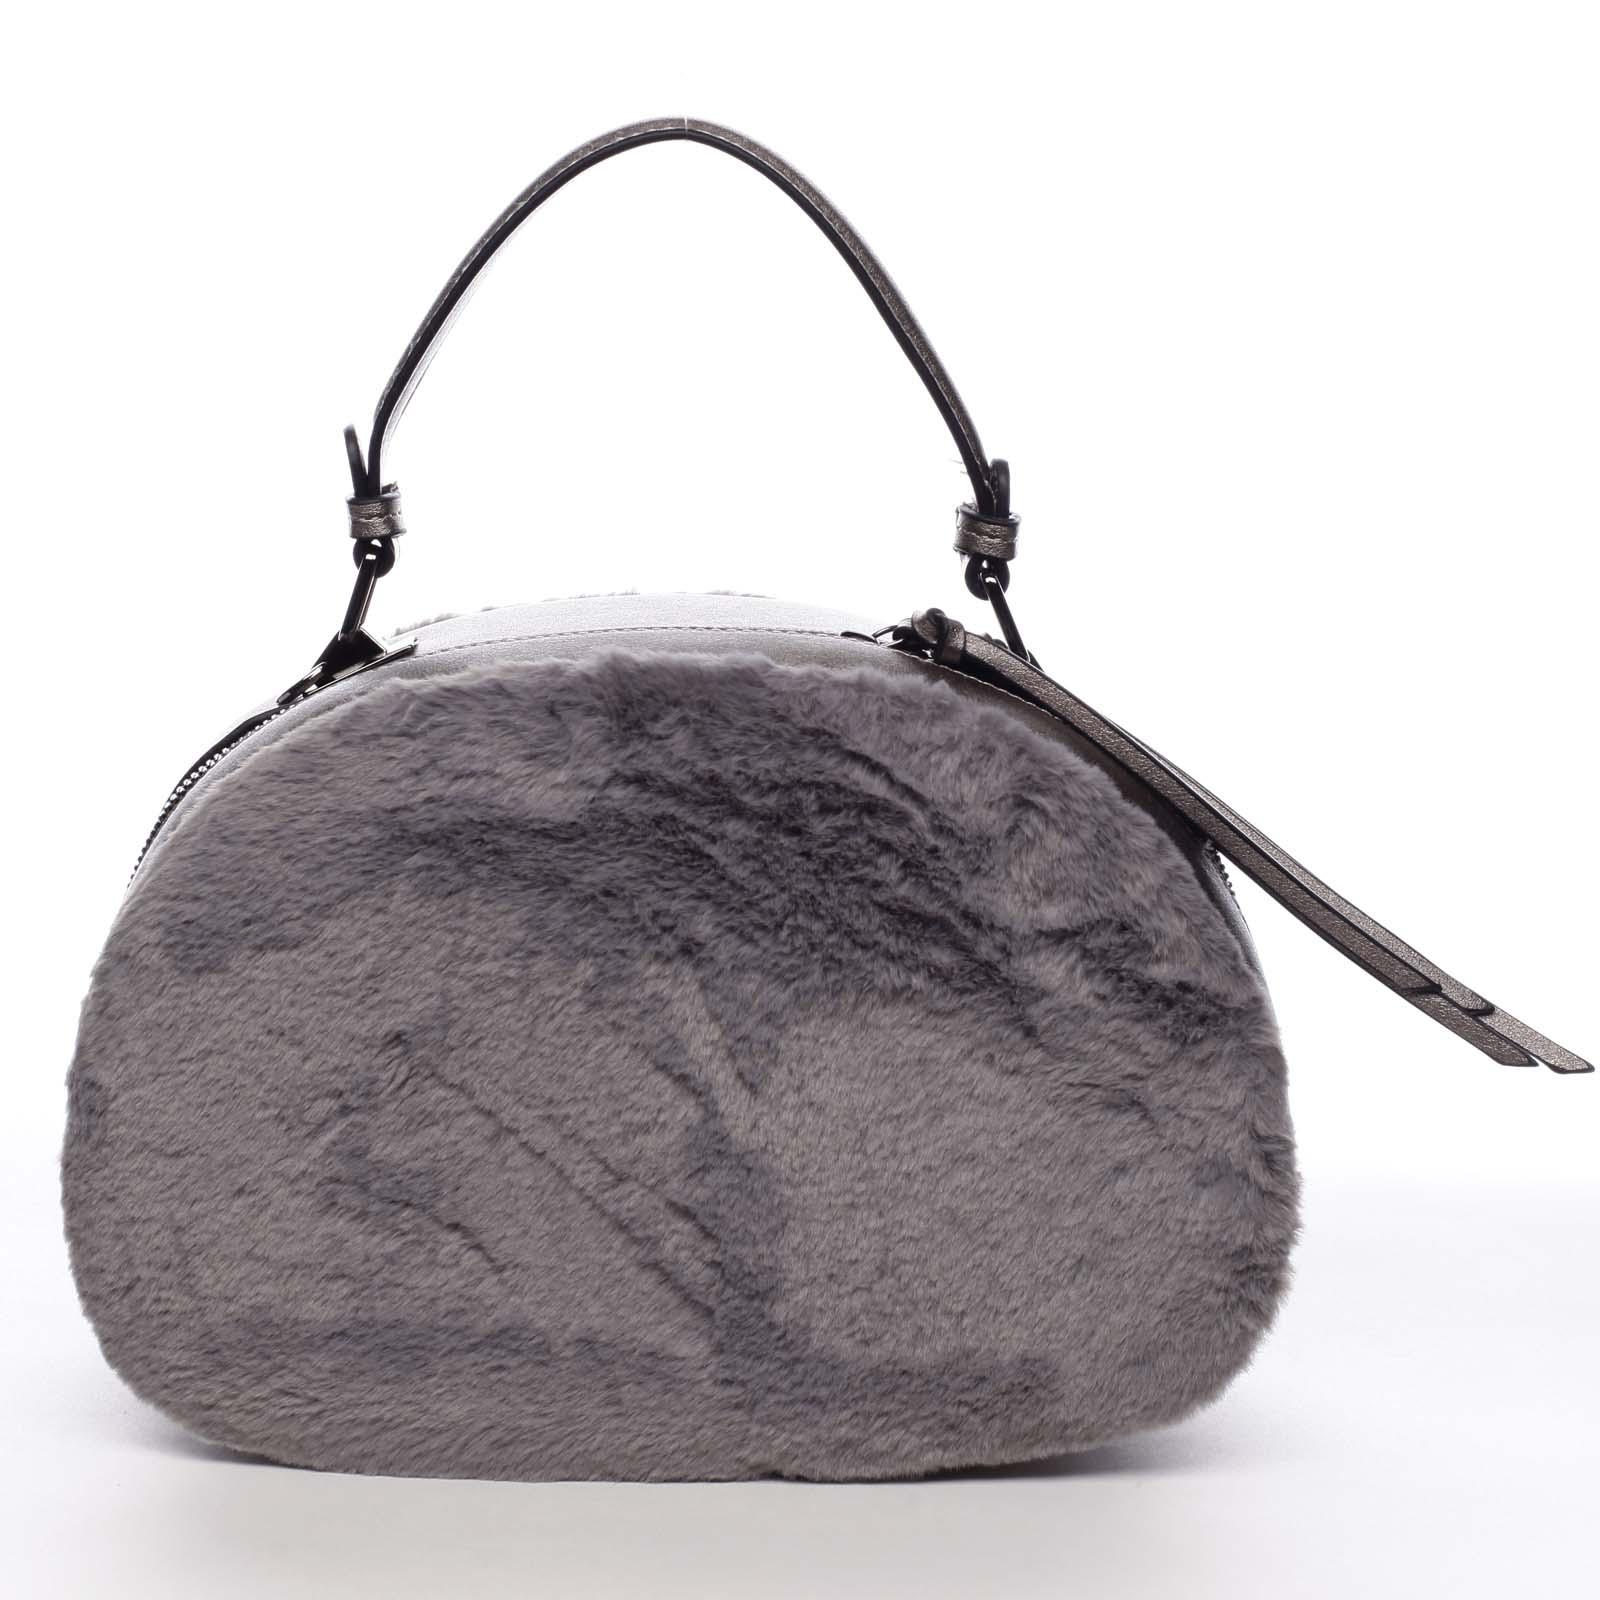 Dámska kožušinová kabelka sivá - MARIA C Hasiel